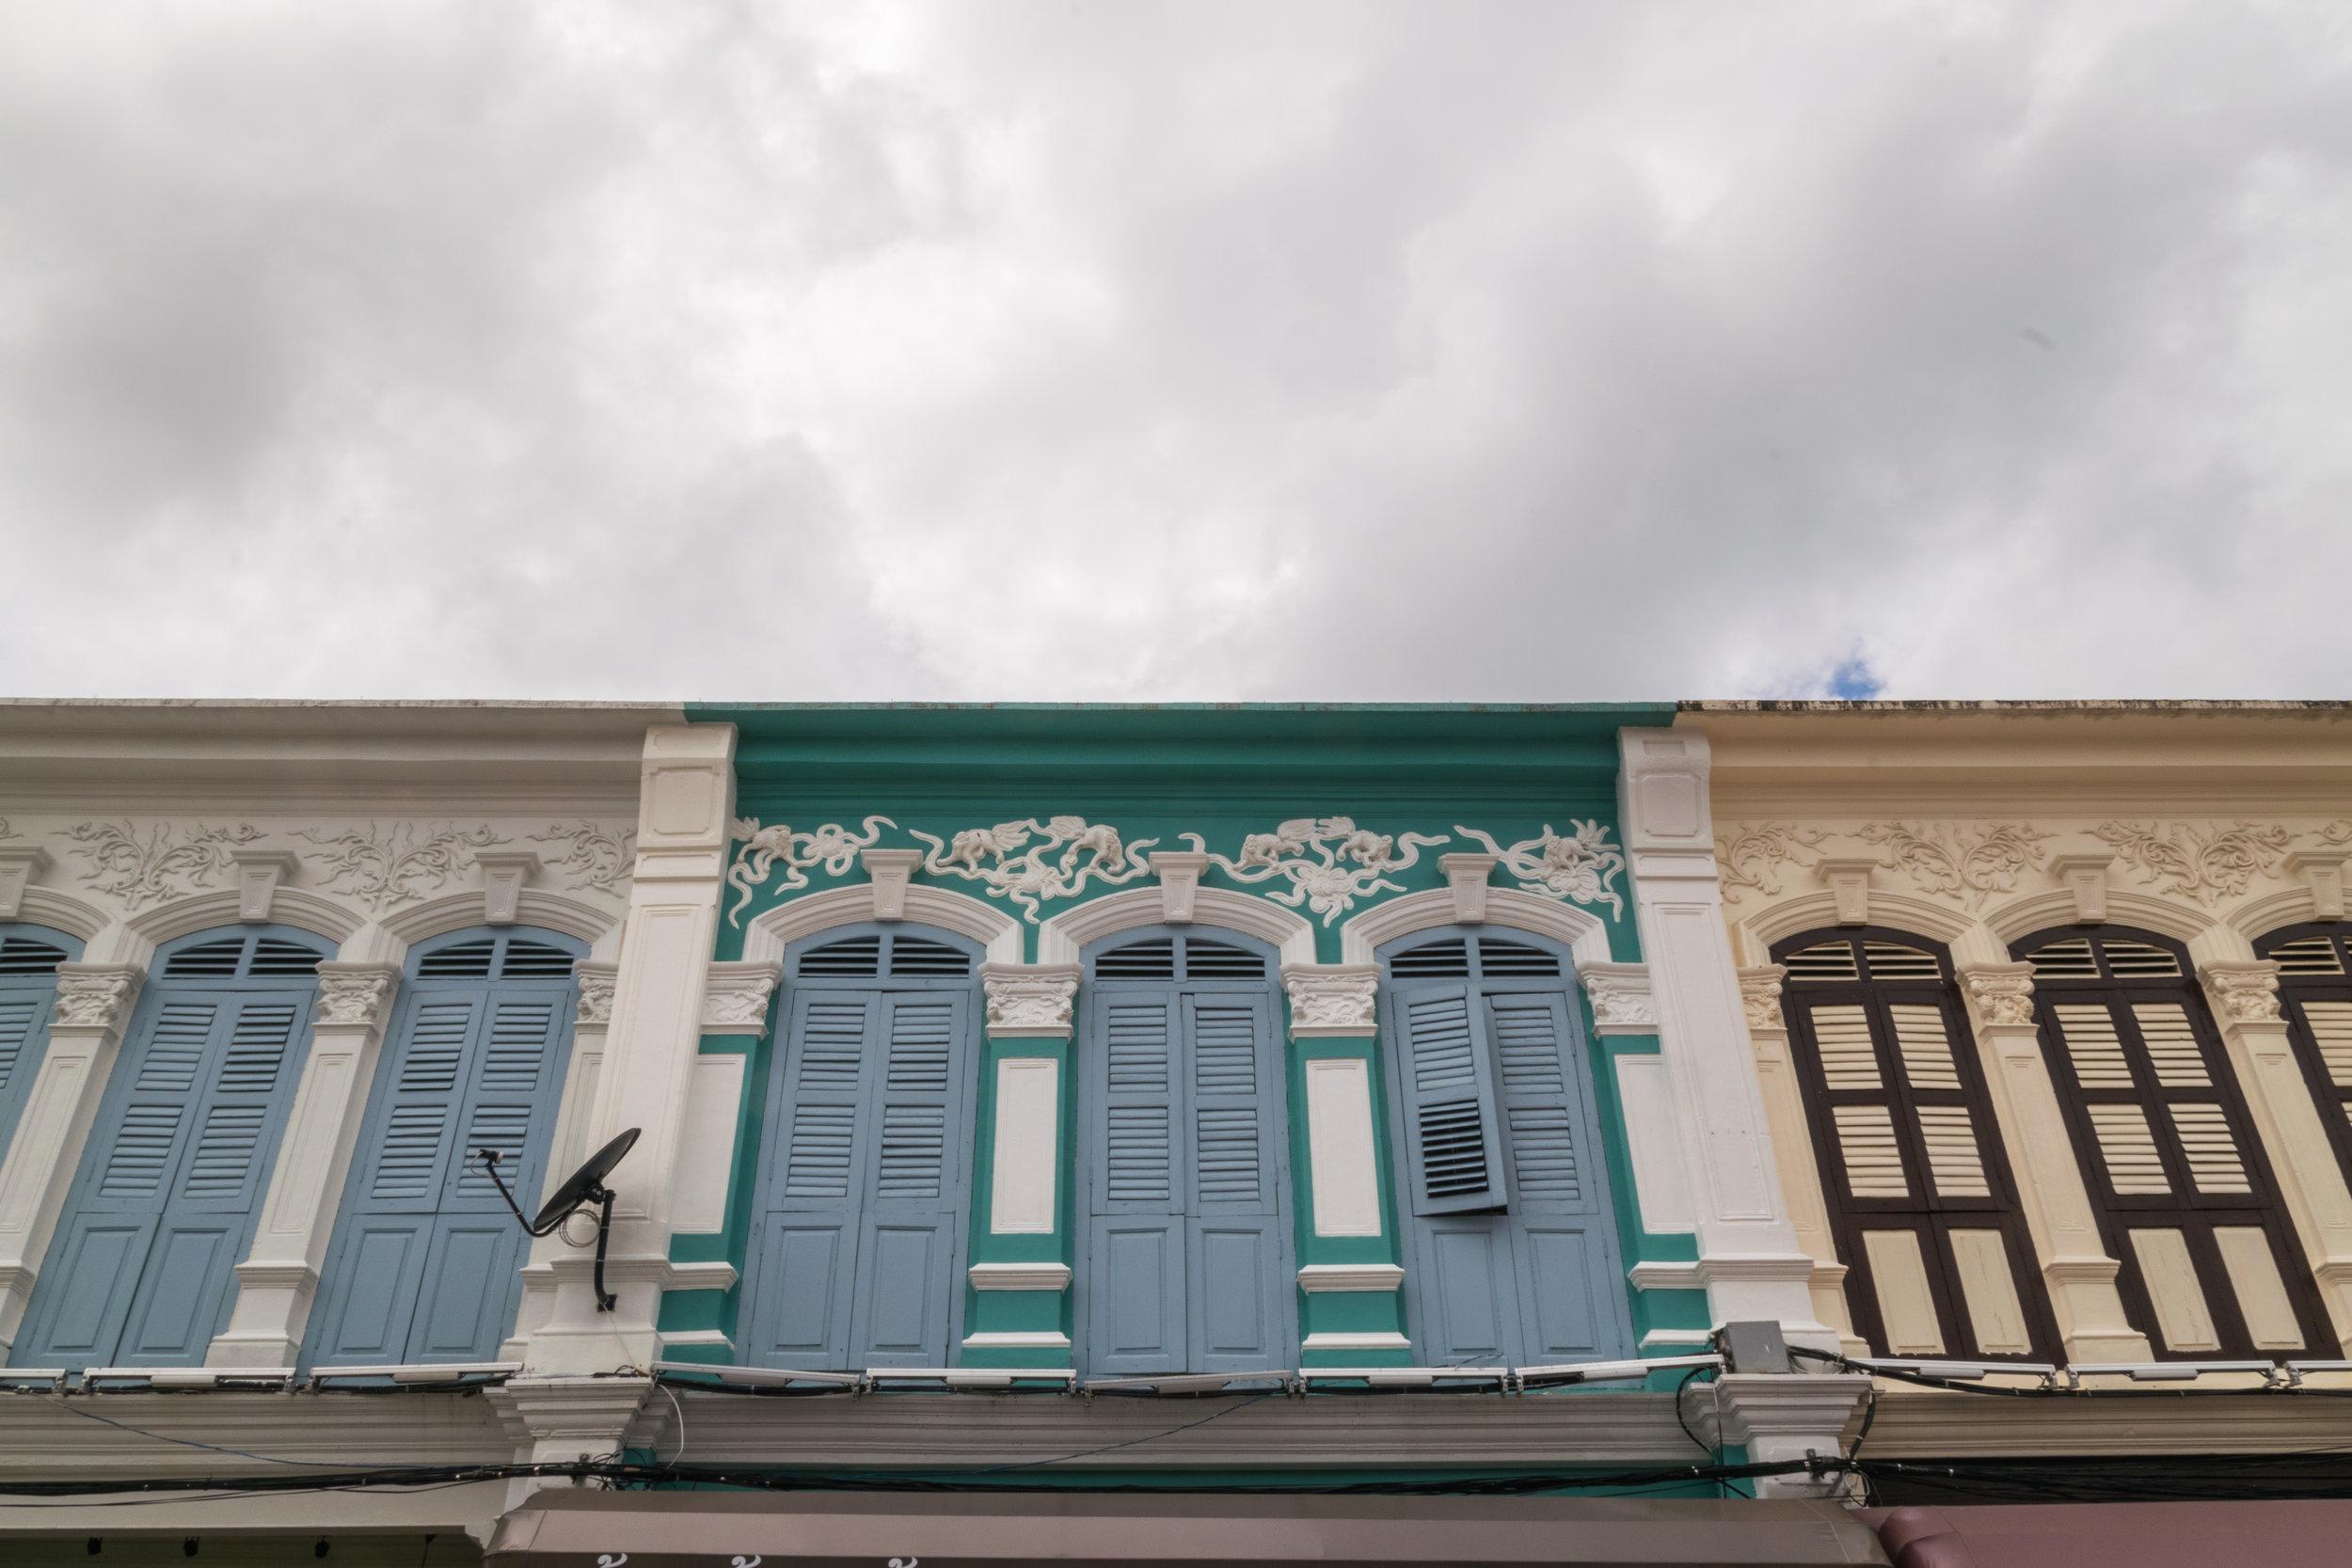 Phuket Old Town buildings-5.jpg